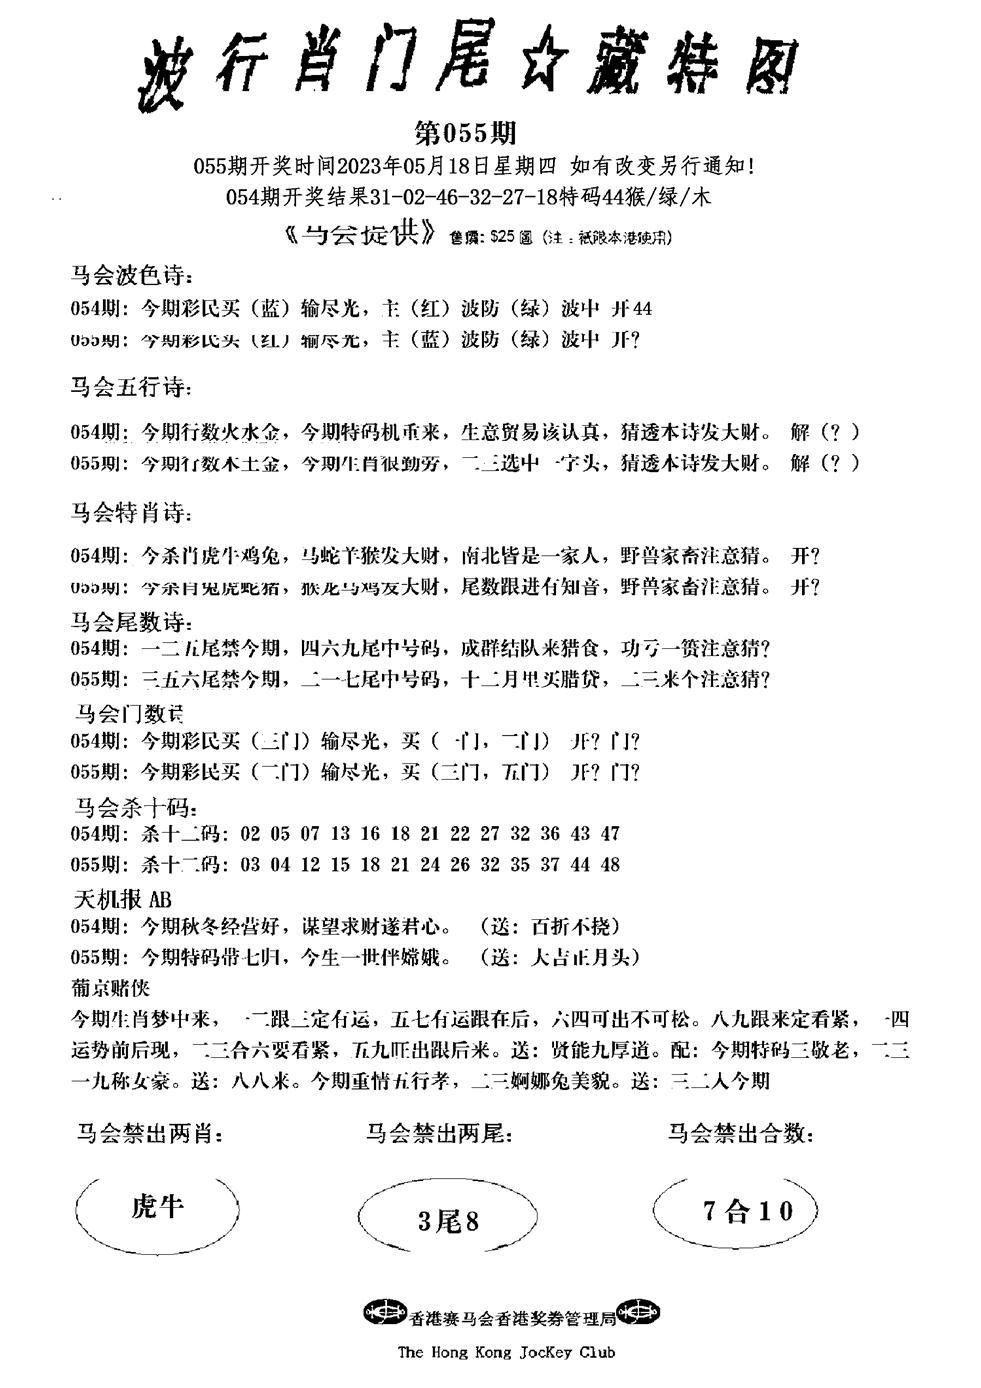 055期波行肖尾藏特图(黑白)